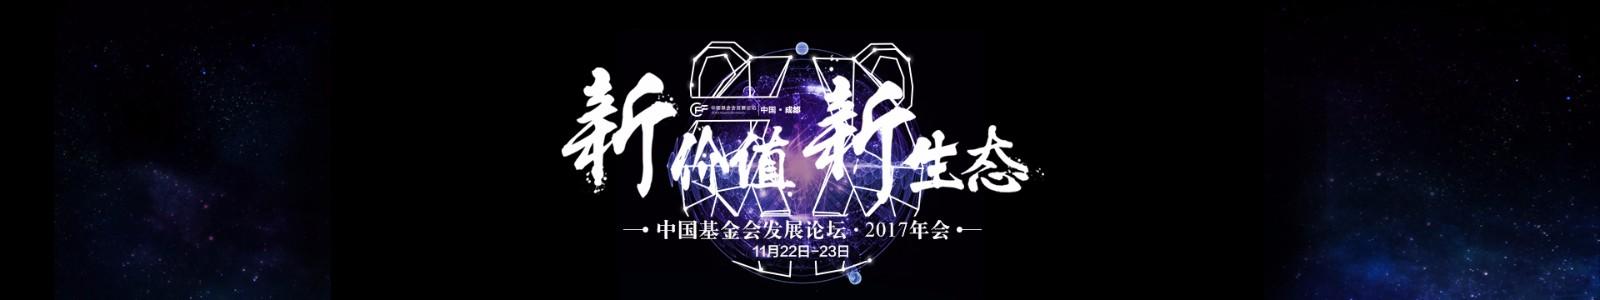 中国基金会发展论坛·2017年度盛会